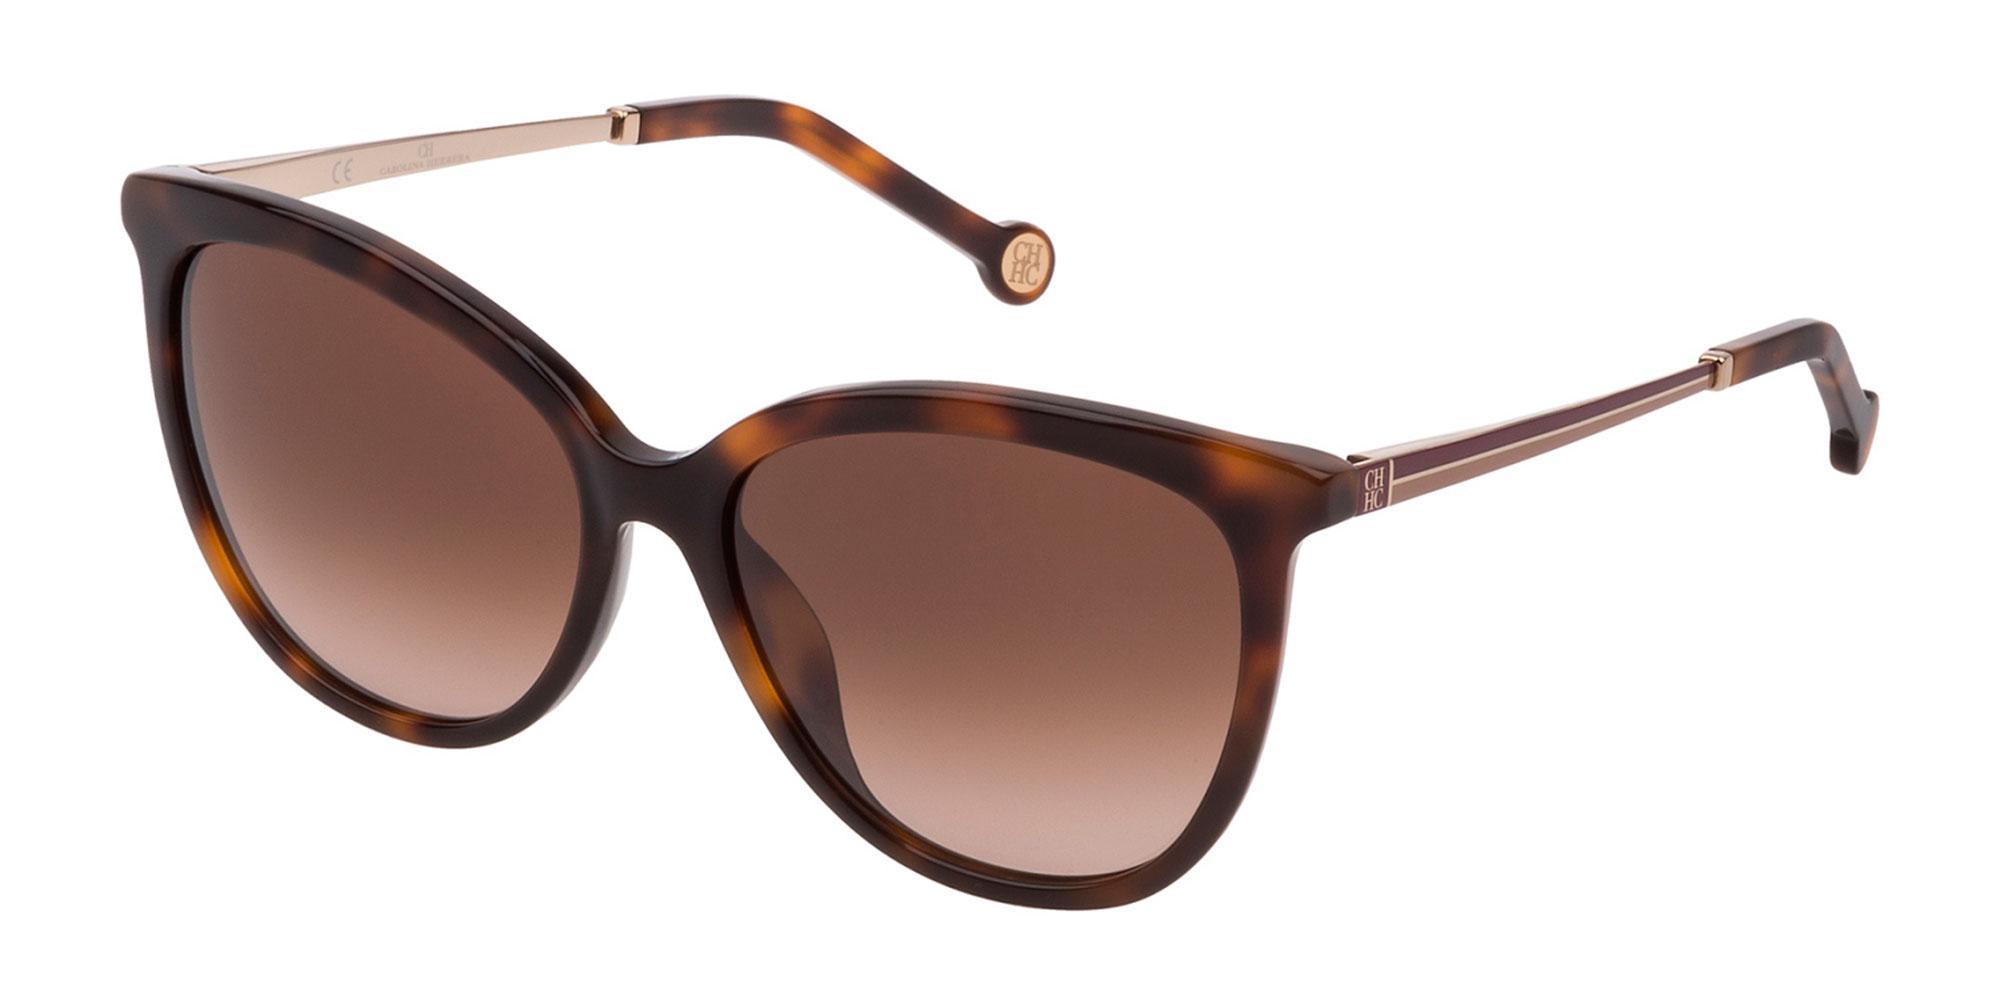 01AY SHE798 Sunglasses, CH Carolina Herrera